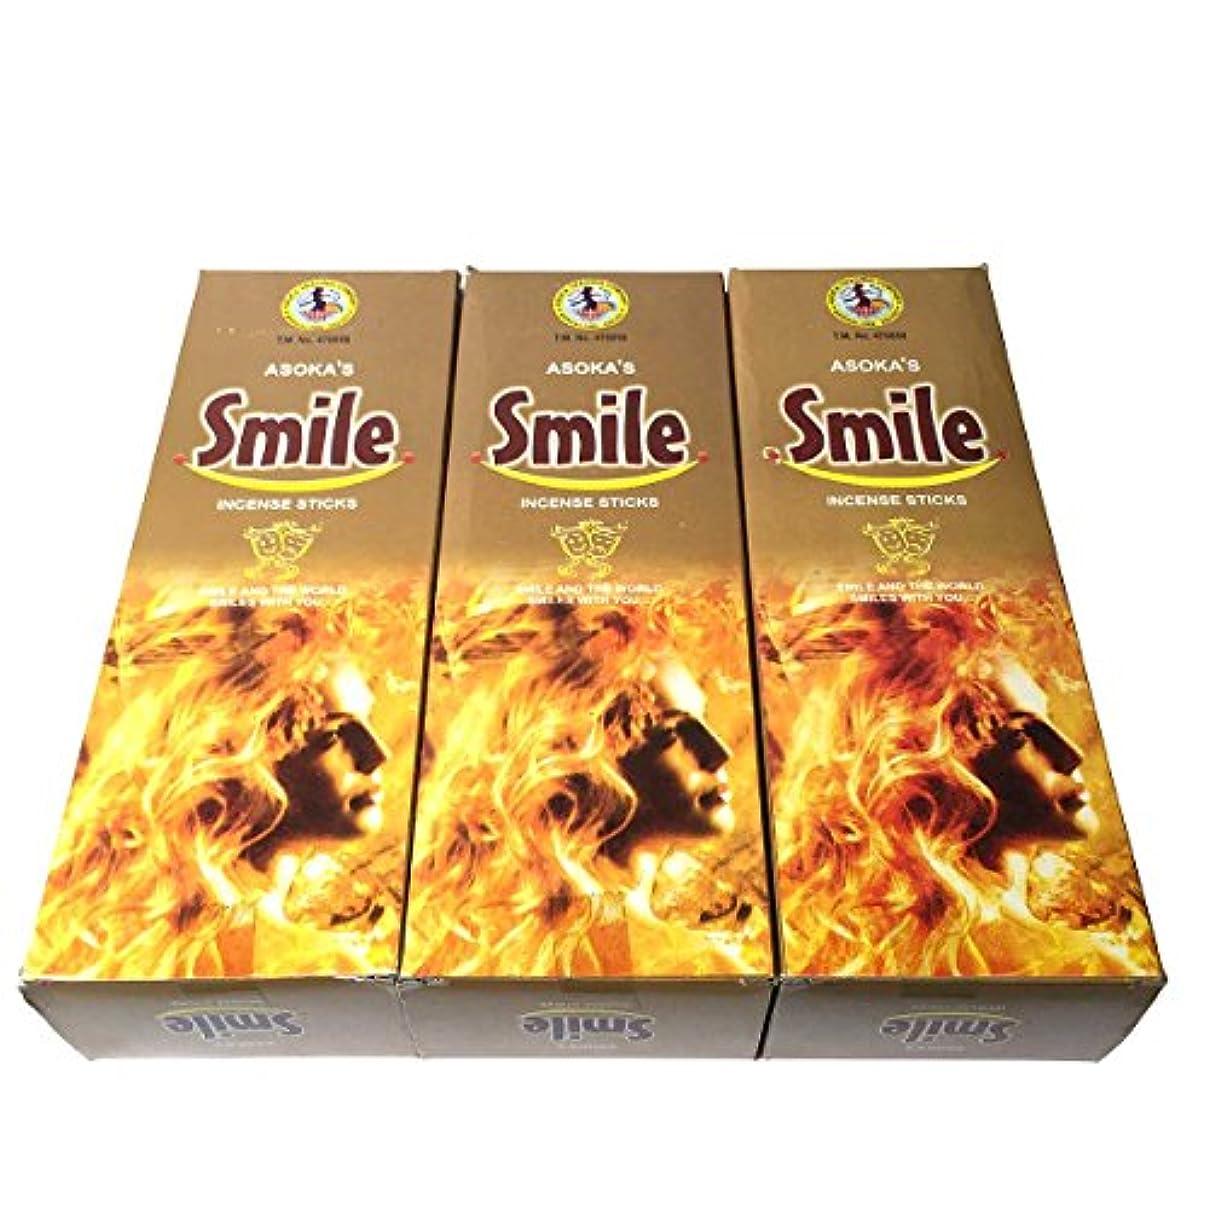 シルク作り上げるせっかちスマイル香スティック 3BOX(18箱) /ASOKA TRADING SMILE/インセンス/インド香 お香 [並行輸入品]